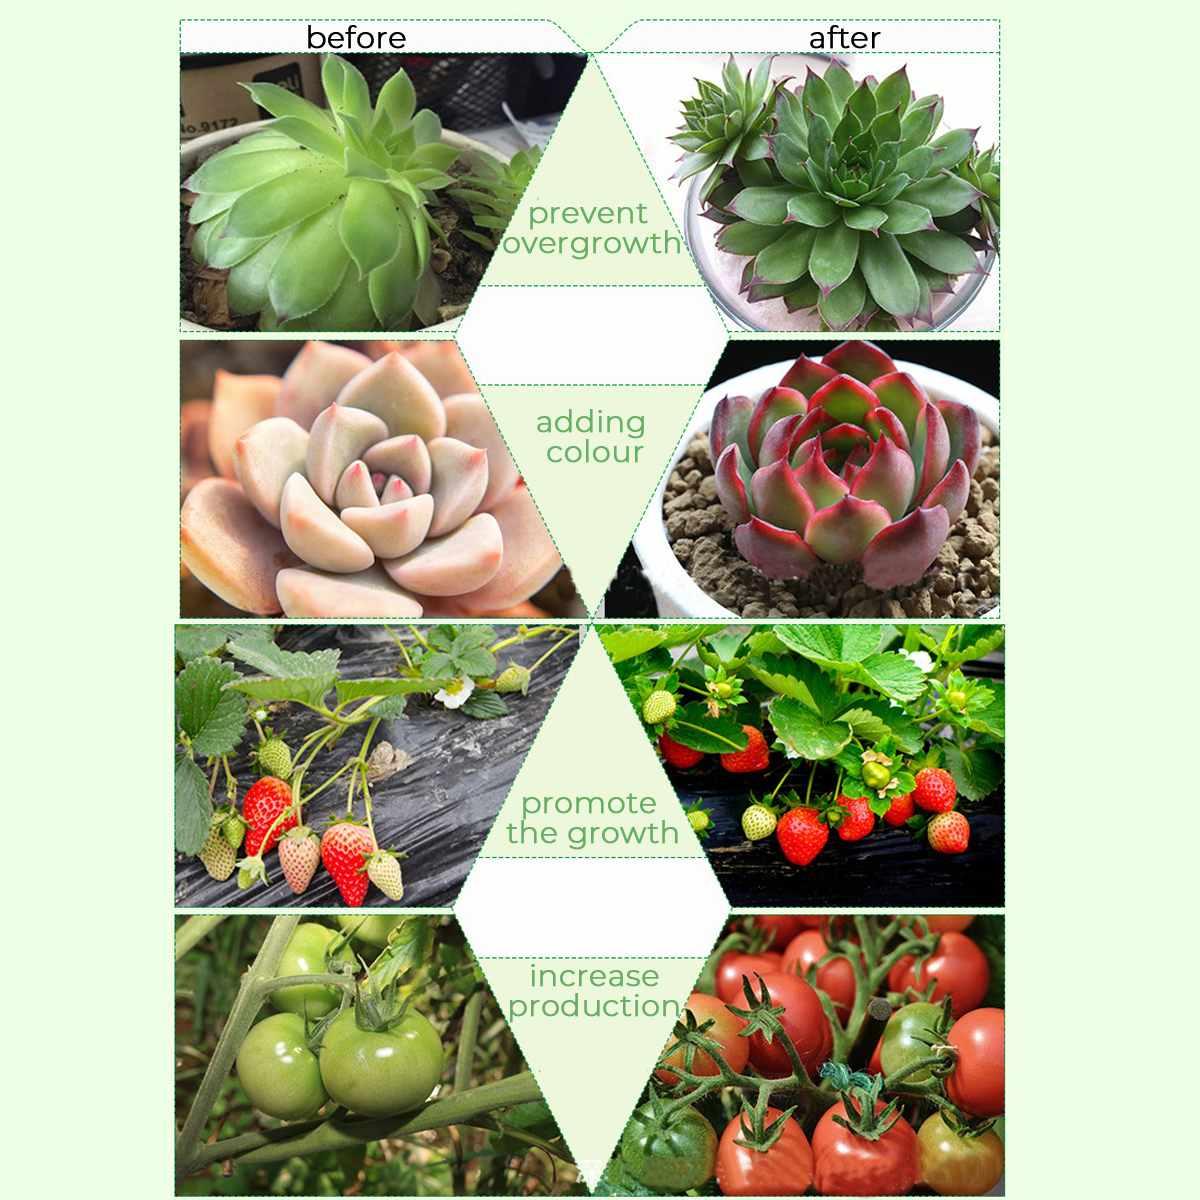 США/ЕС 20 Вт светодиодный цветочный горшок полка для растений полный спектр высокая эффективность для выращивания системы освещения с растительными огнями комнатный цветочный стеллаж